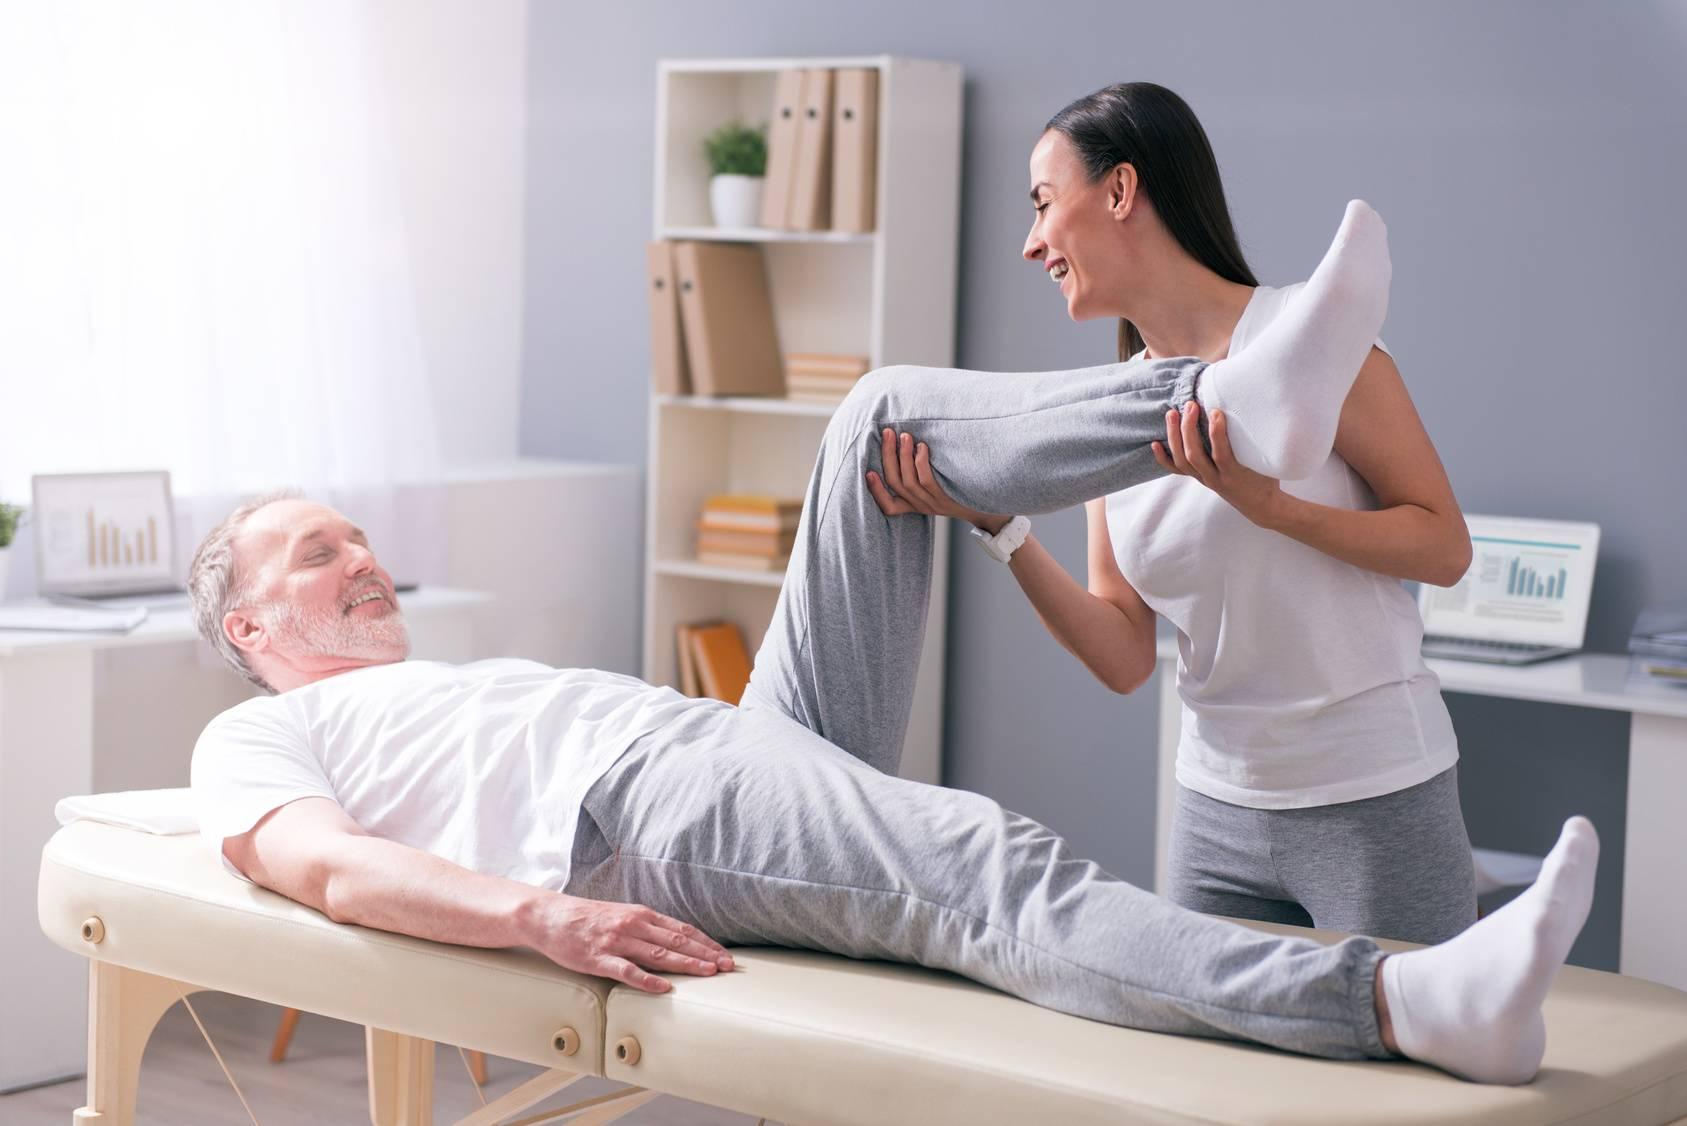 fisioterapia, riabilitazione, ginnastica